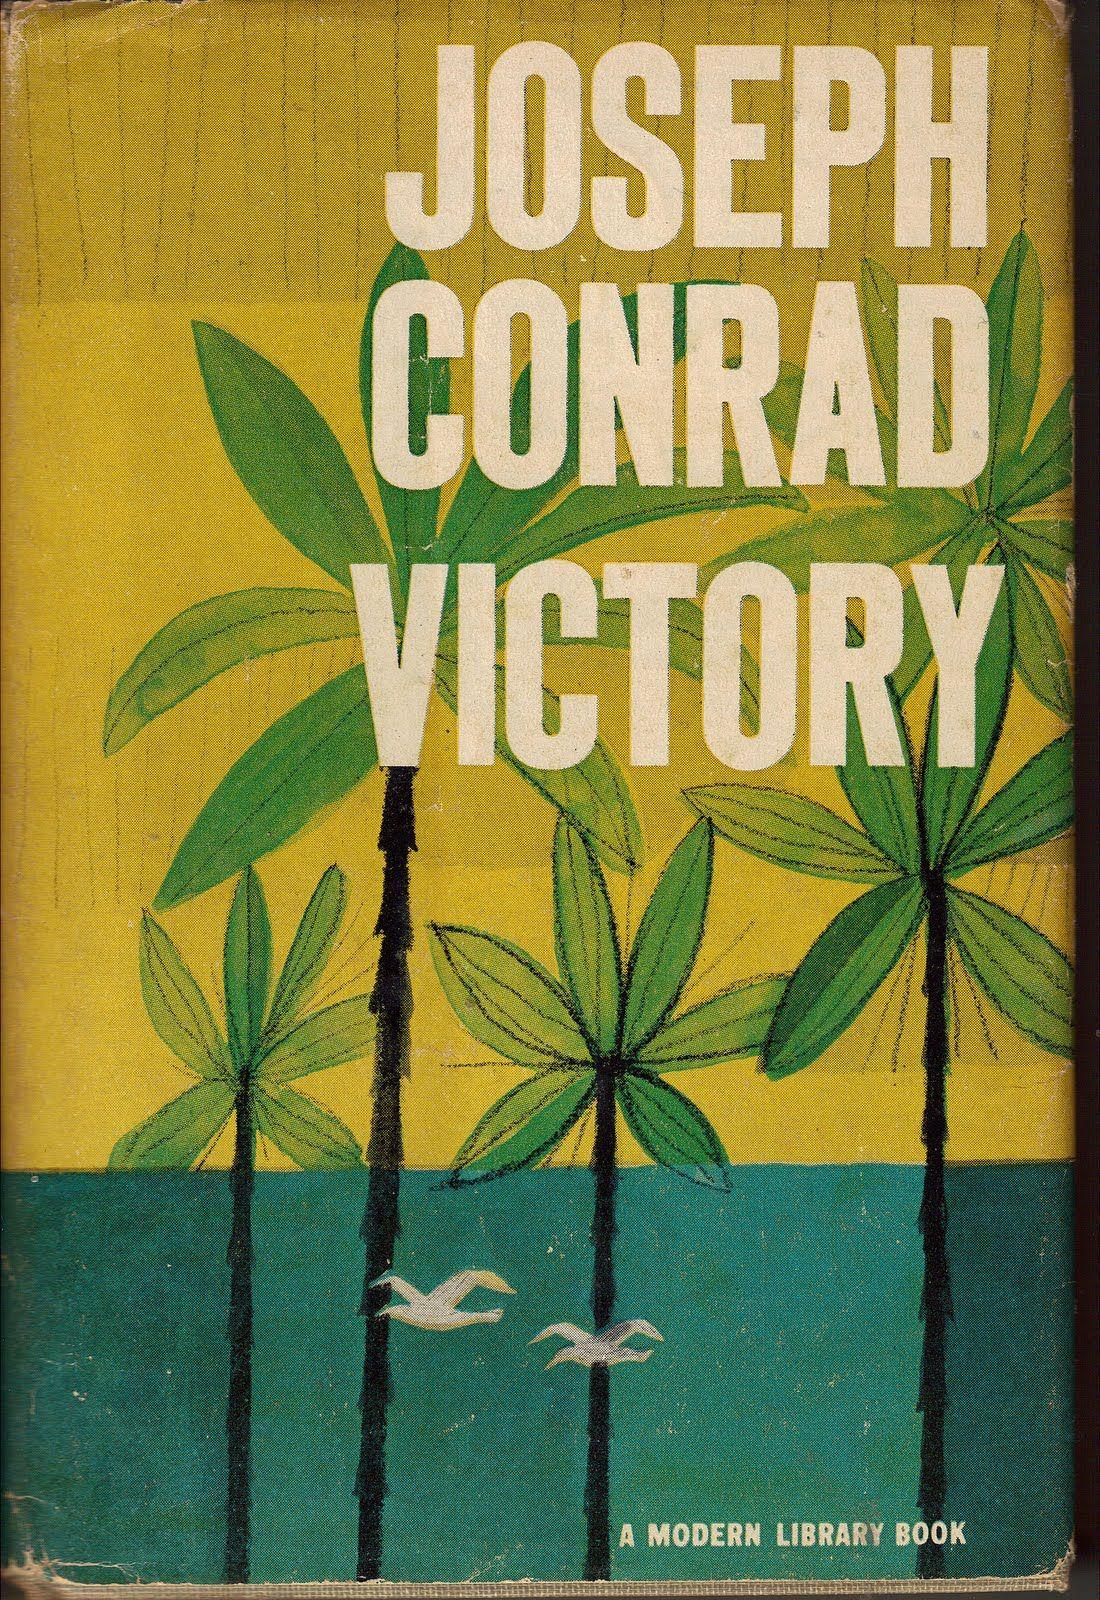 Joseph Conrad | Victory